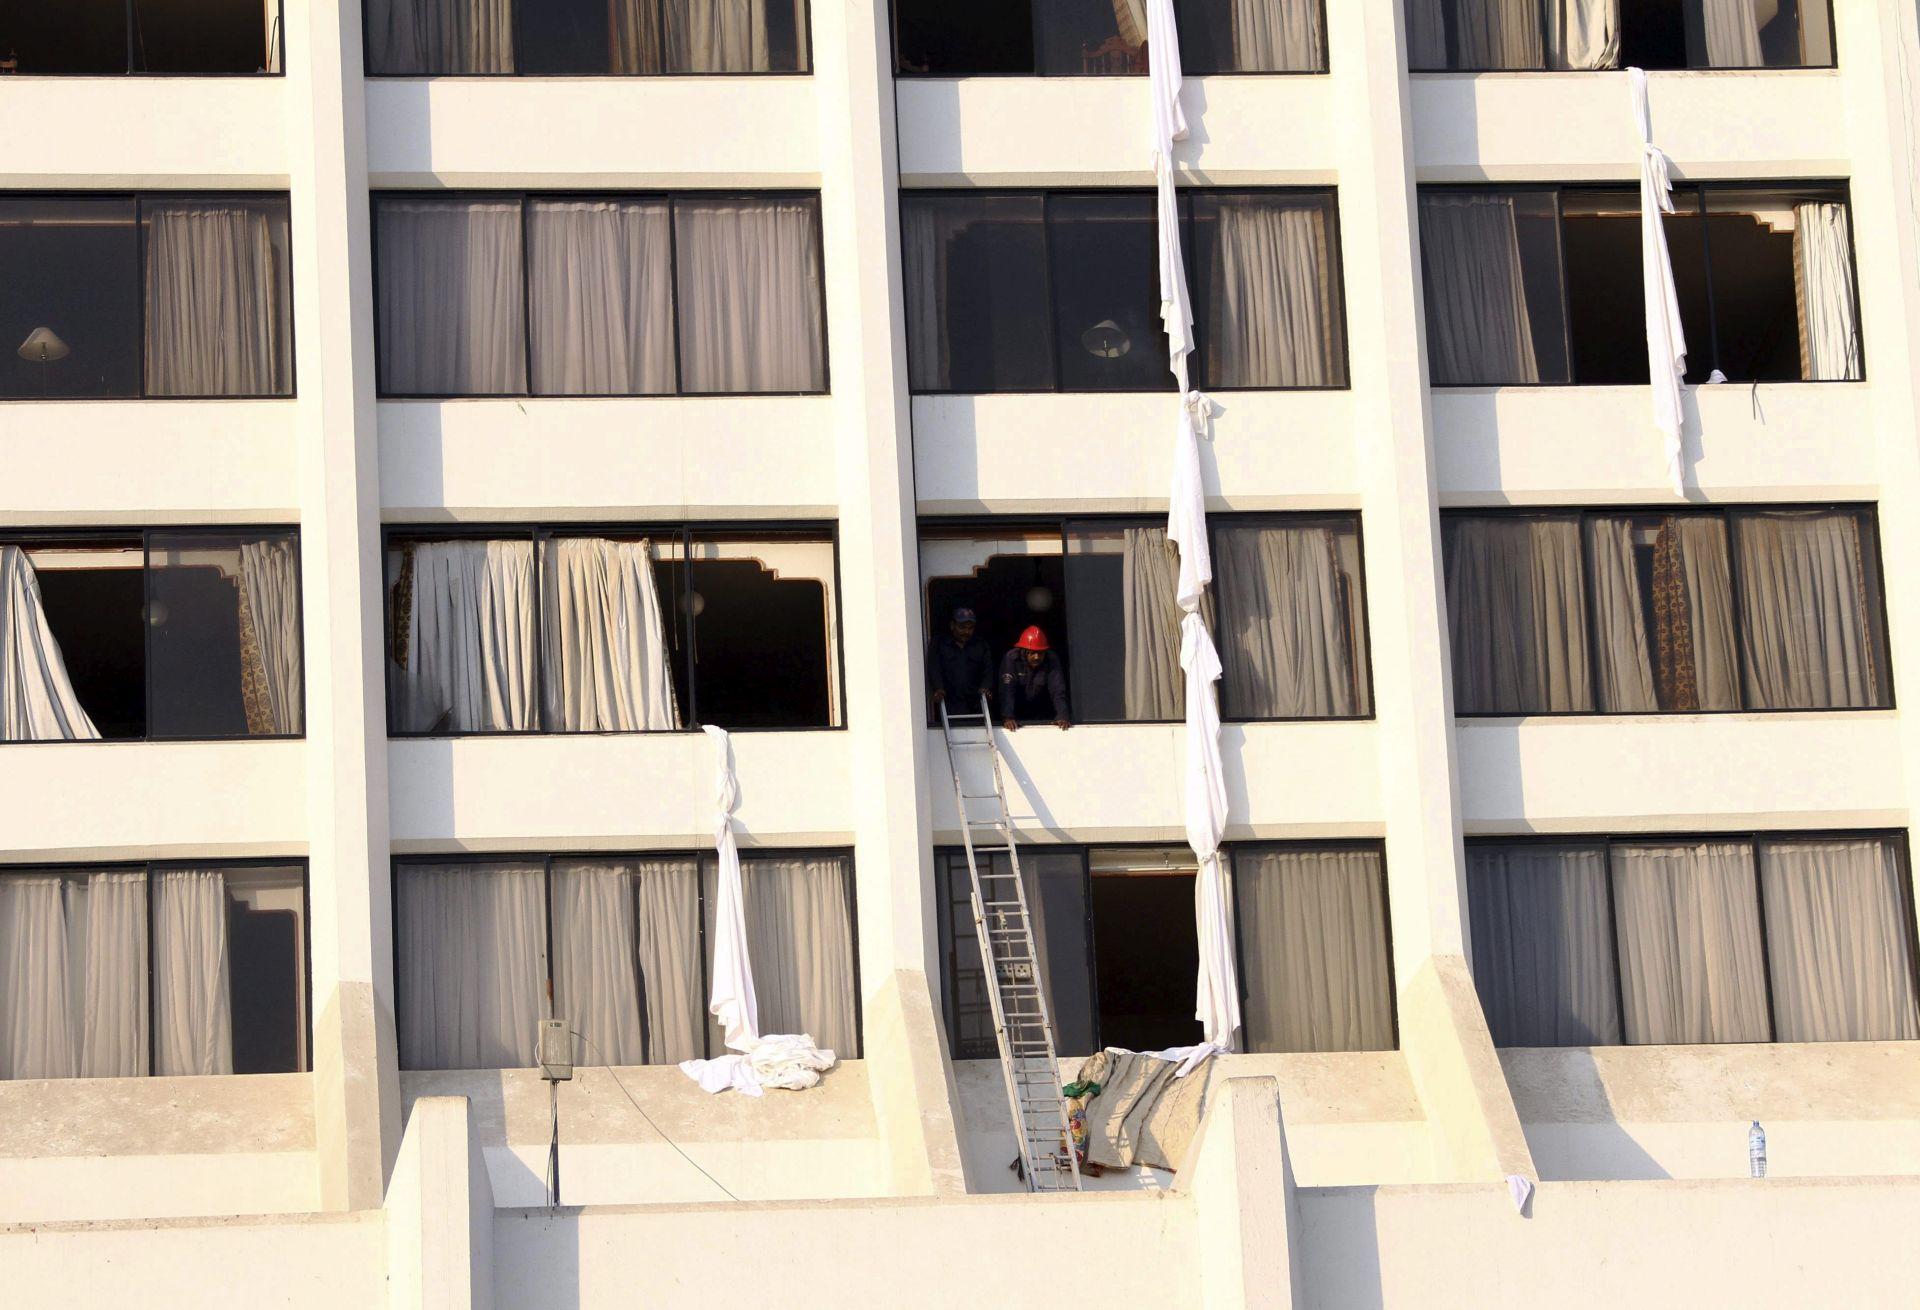 UZROK ZASAD NEPOZNAT: Izbio požar u hotelu u Pakistanu, 11 osoba smrtno stradalo